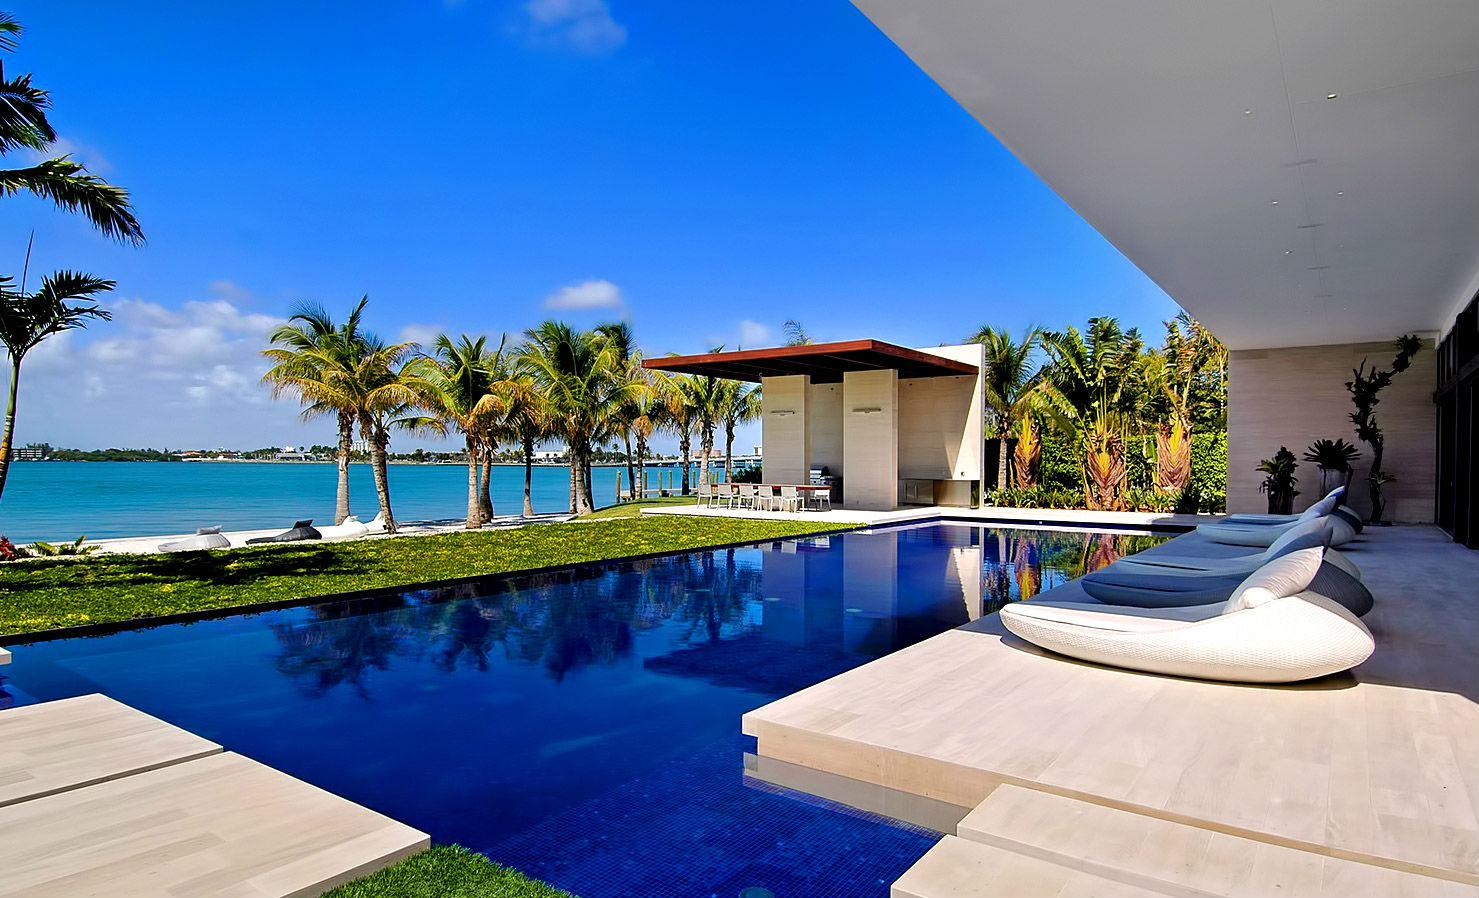 La isla de los ricos y famosos no es un reality sino el barrio de miami donde tienen casa - Casas de millonarios ...